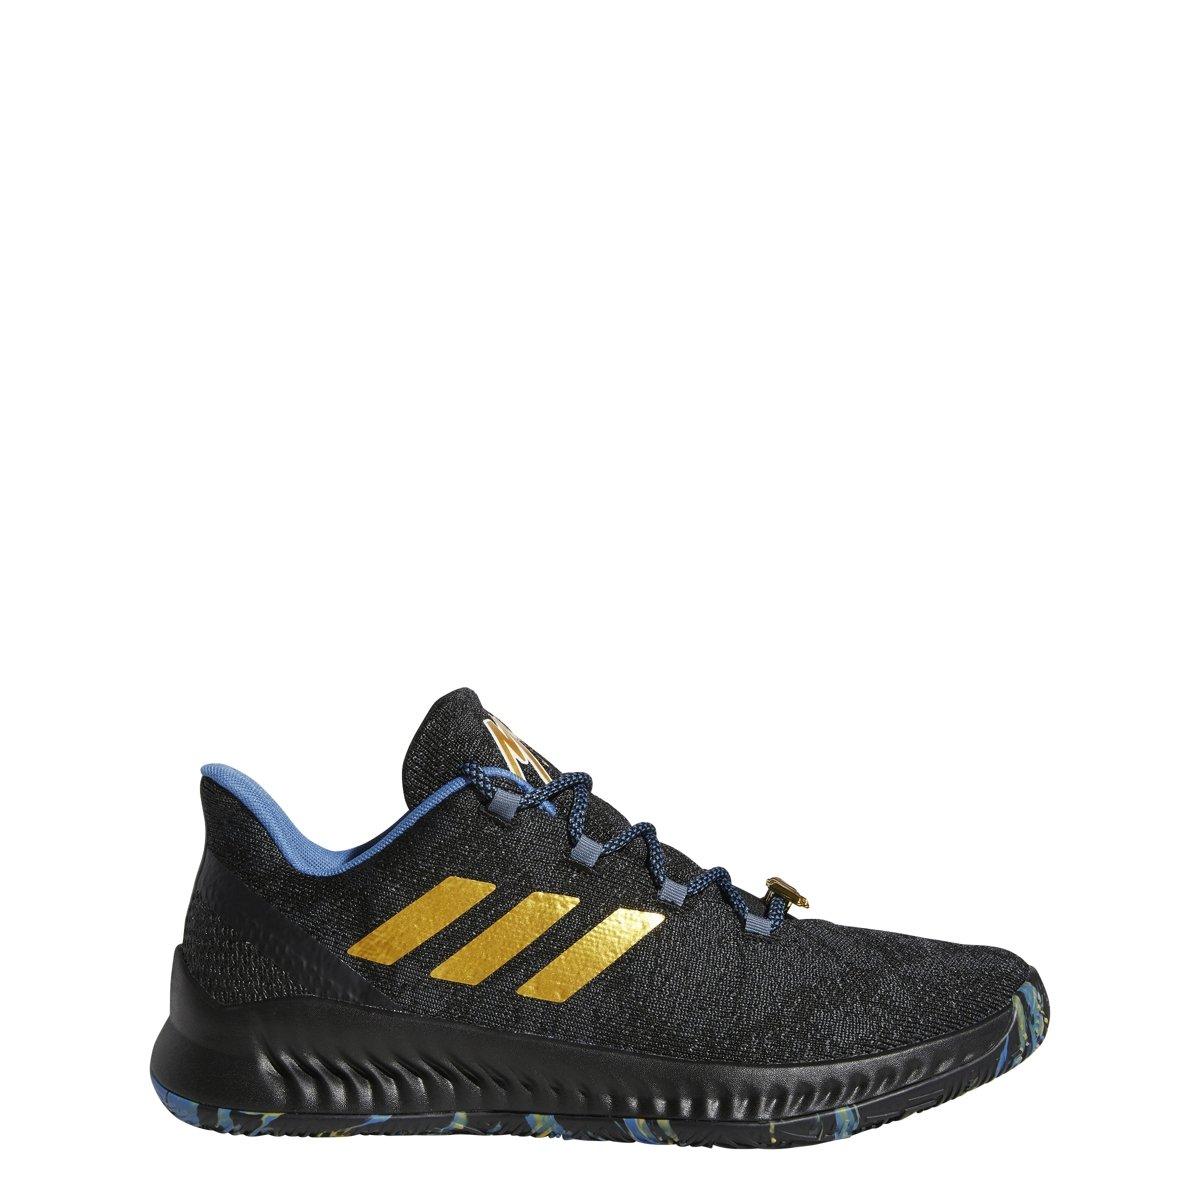 hommes / femmes est adidas adidas adidas harden b / e x mvp chaussure de basket - ball masculin magnifique dessin de haute qualité et de vie facile bh15316 économie 7c5409